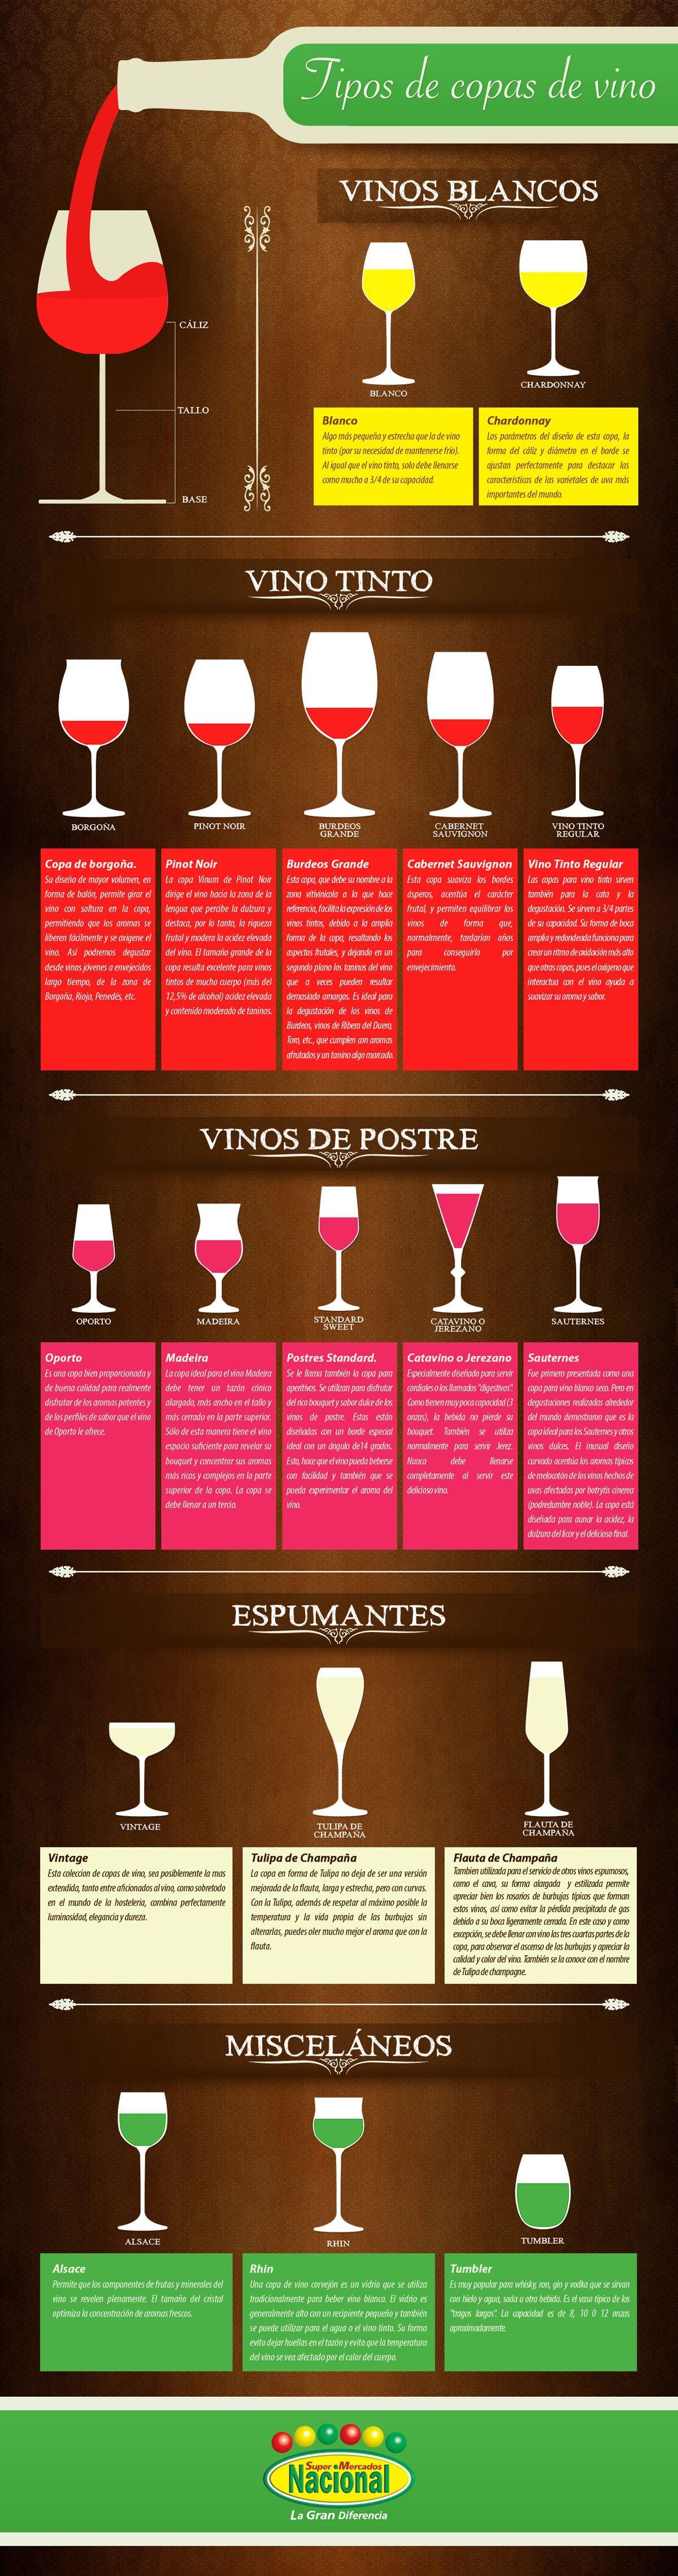 99 Ideas De Champagne Vinos Y Quesos Comida Y Vino Recetas De Tragos